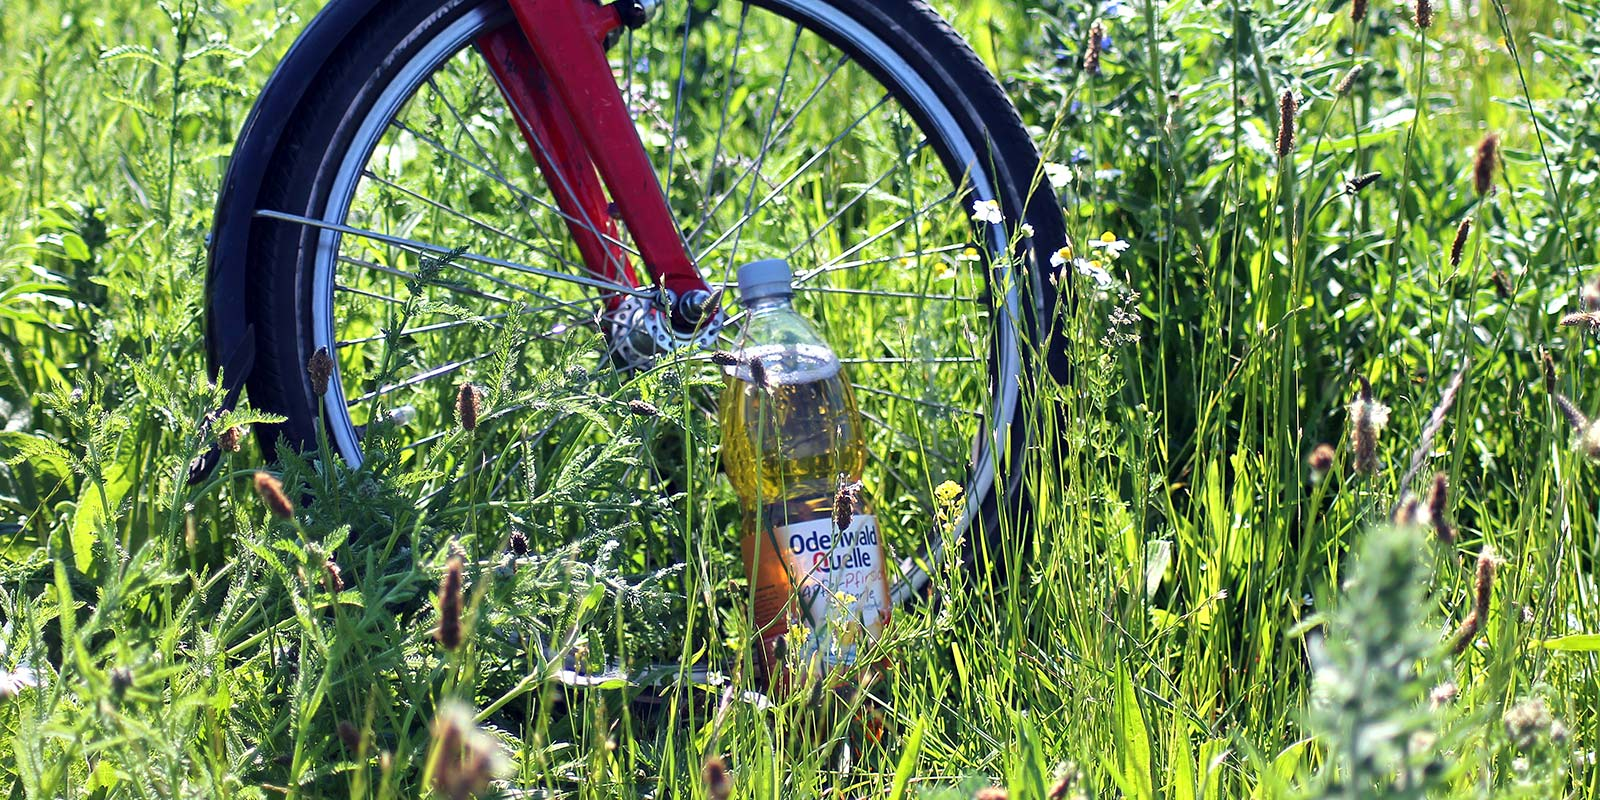 Fahrrad mit Odenwald Quelle Apfel-Pfirsisch-Schorle Flasche